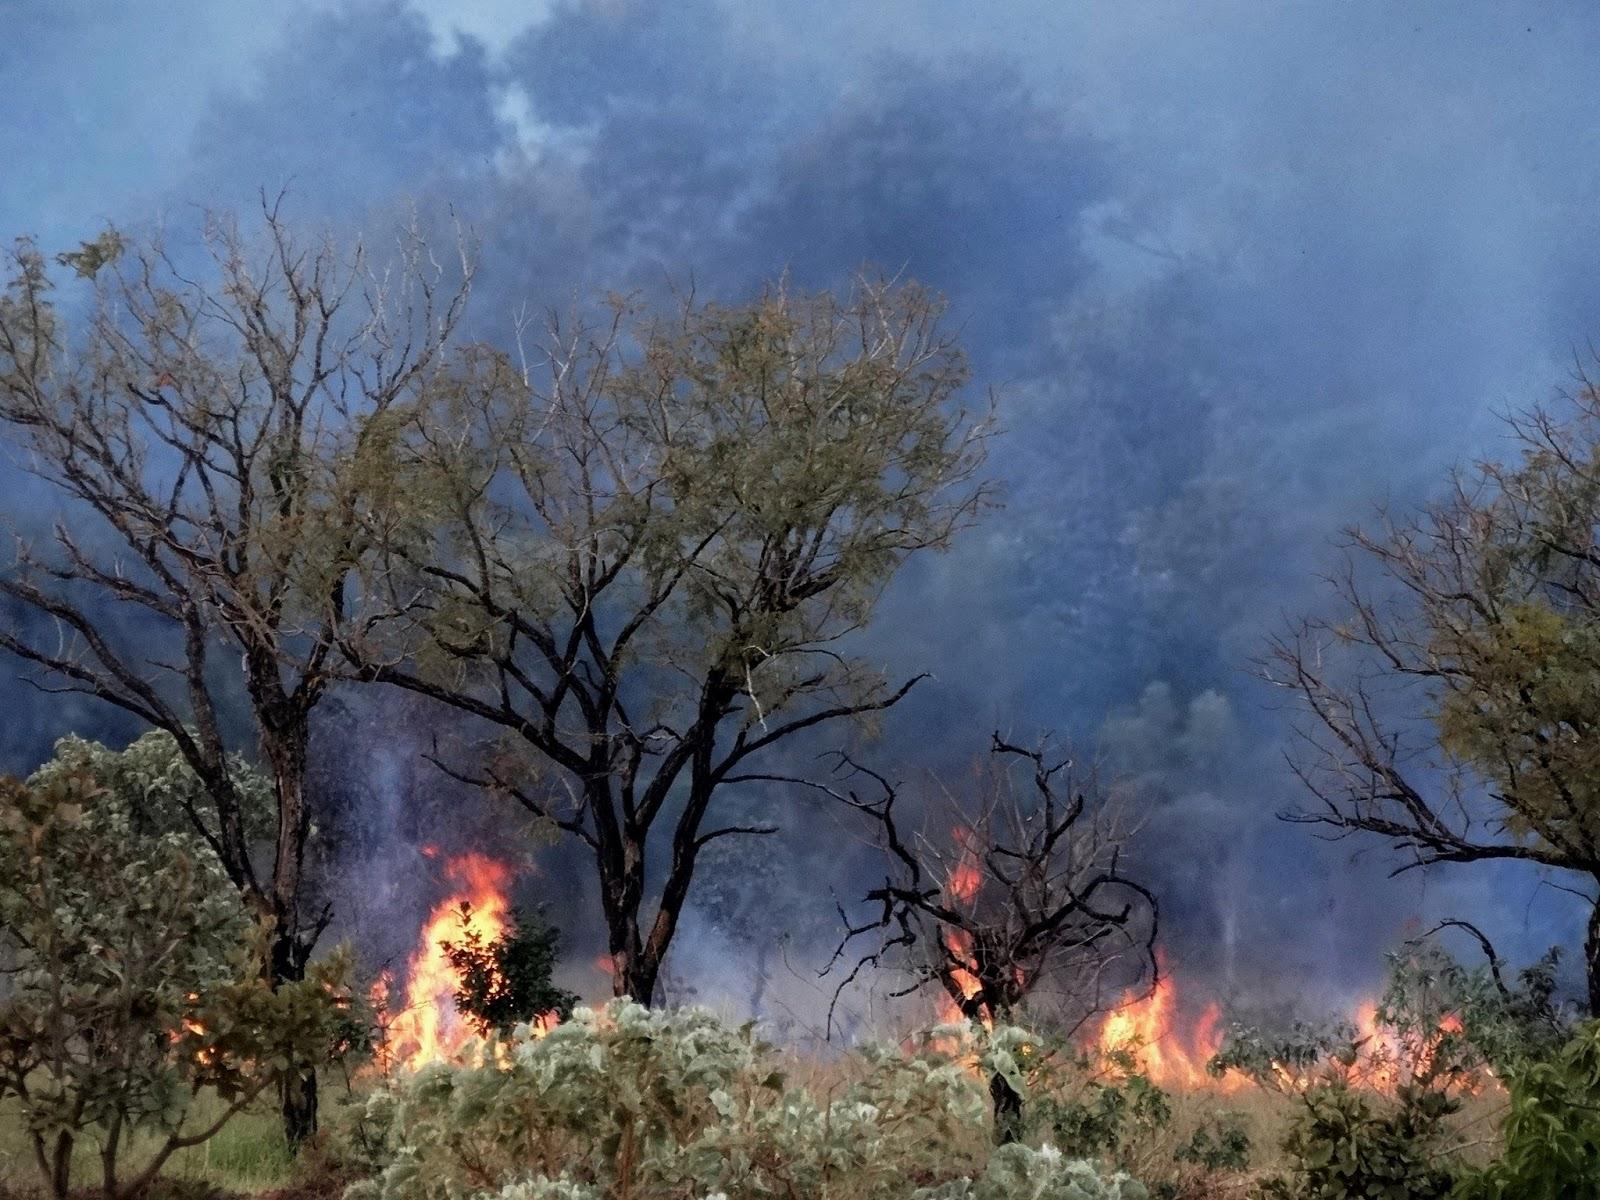 Fogo no Cerrado -  O fogo no cerrado pode iniciar-se por fatores naturais, isso ocorre através do acúmulo de biomassa seca, de palha, baixa umidade e alta temperatura, que acabam criando condições favoráveis para tal.-Foto de Humberto Russo - DF